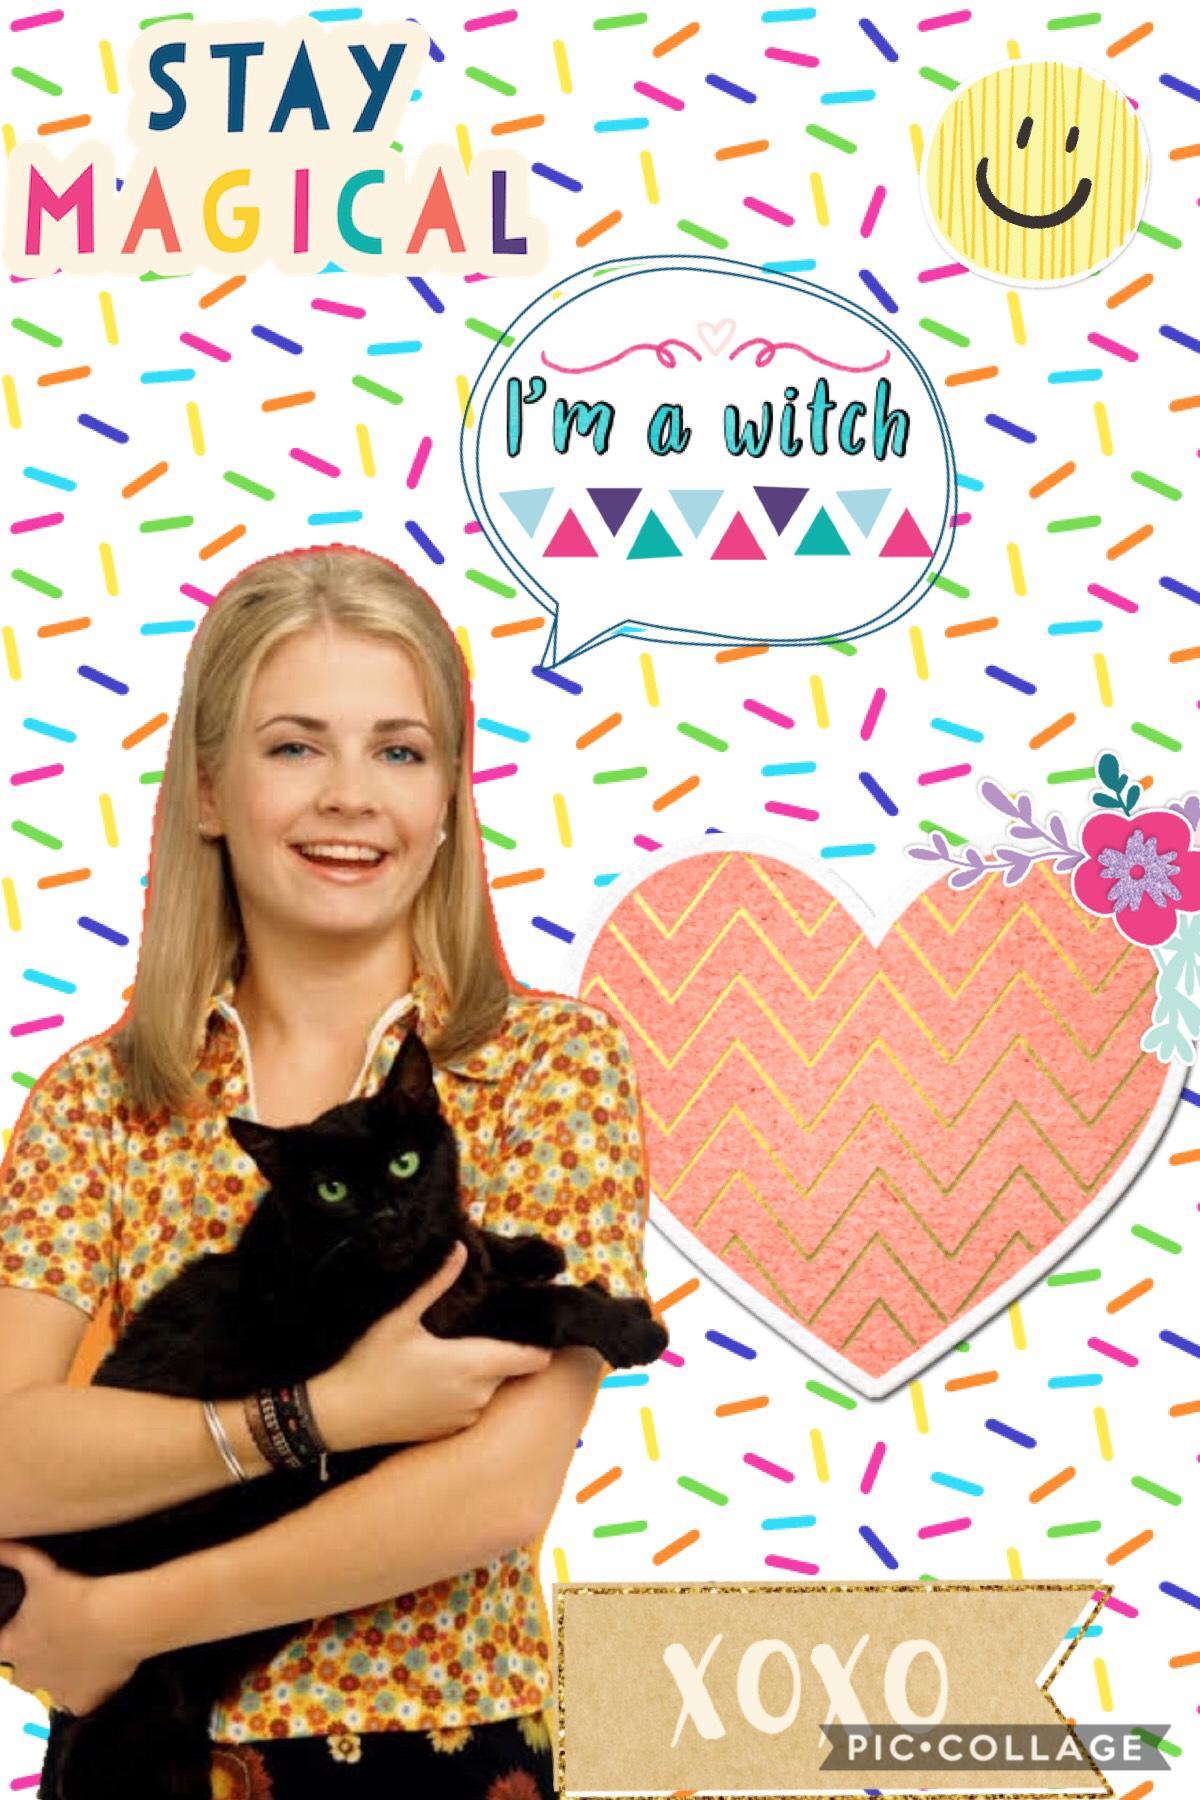 I love the original Sabrina